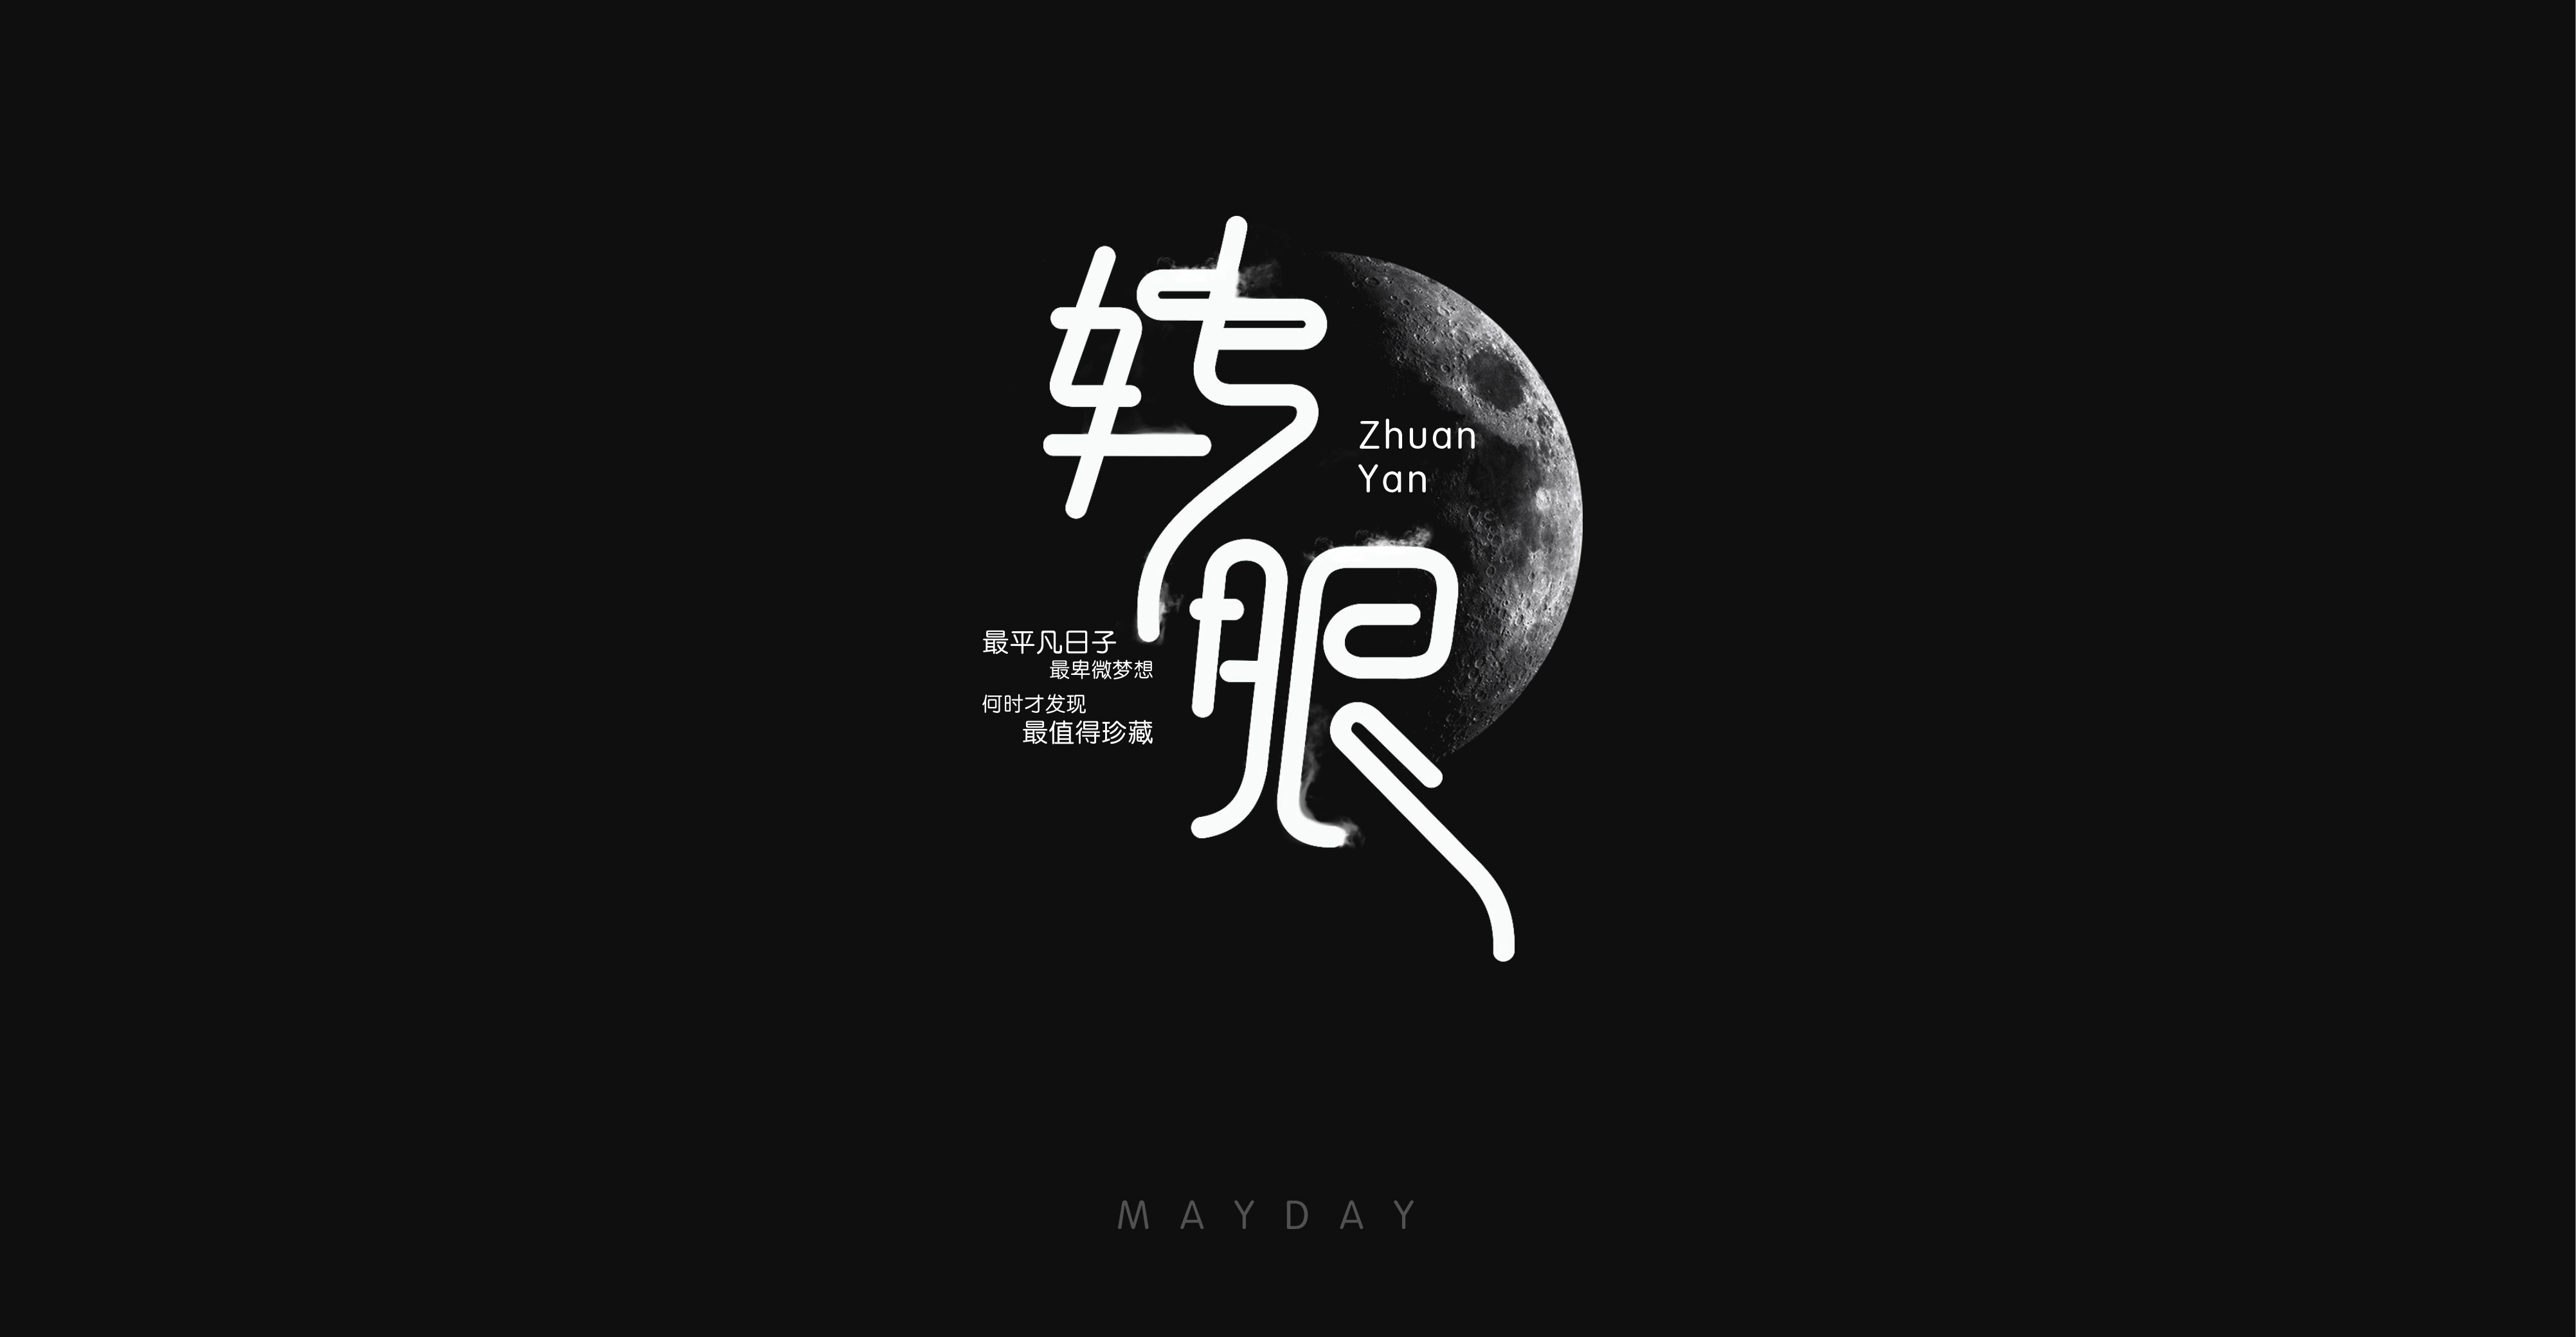 五月天的歌.|平面|字体/字形|心字头上一字敢 - 原创图片